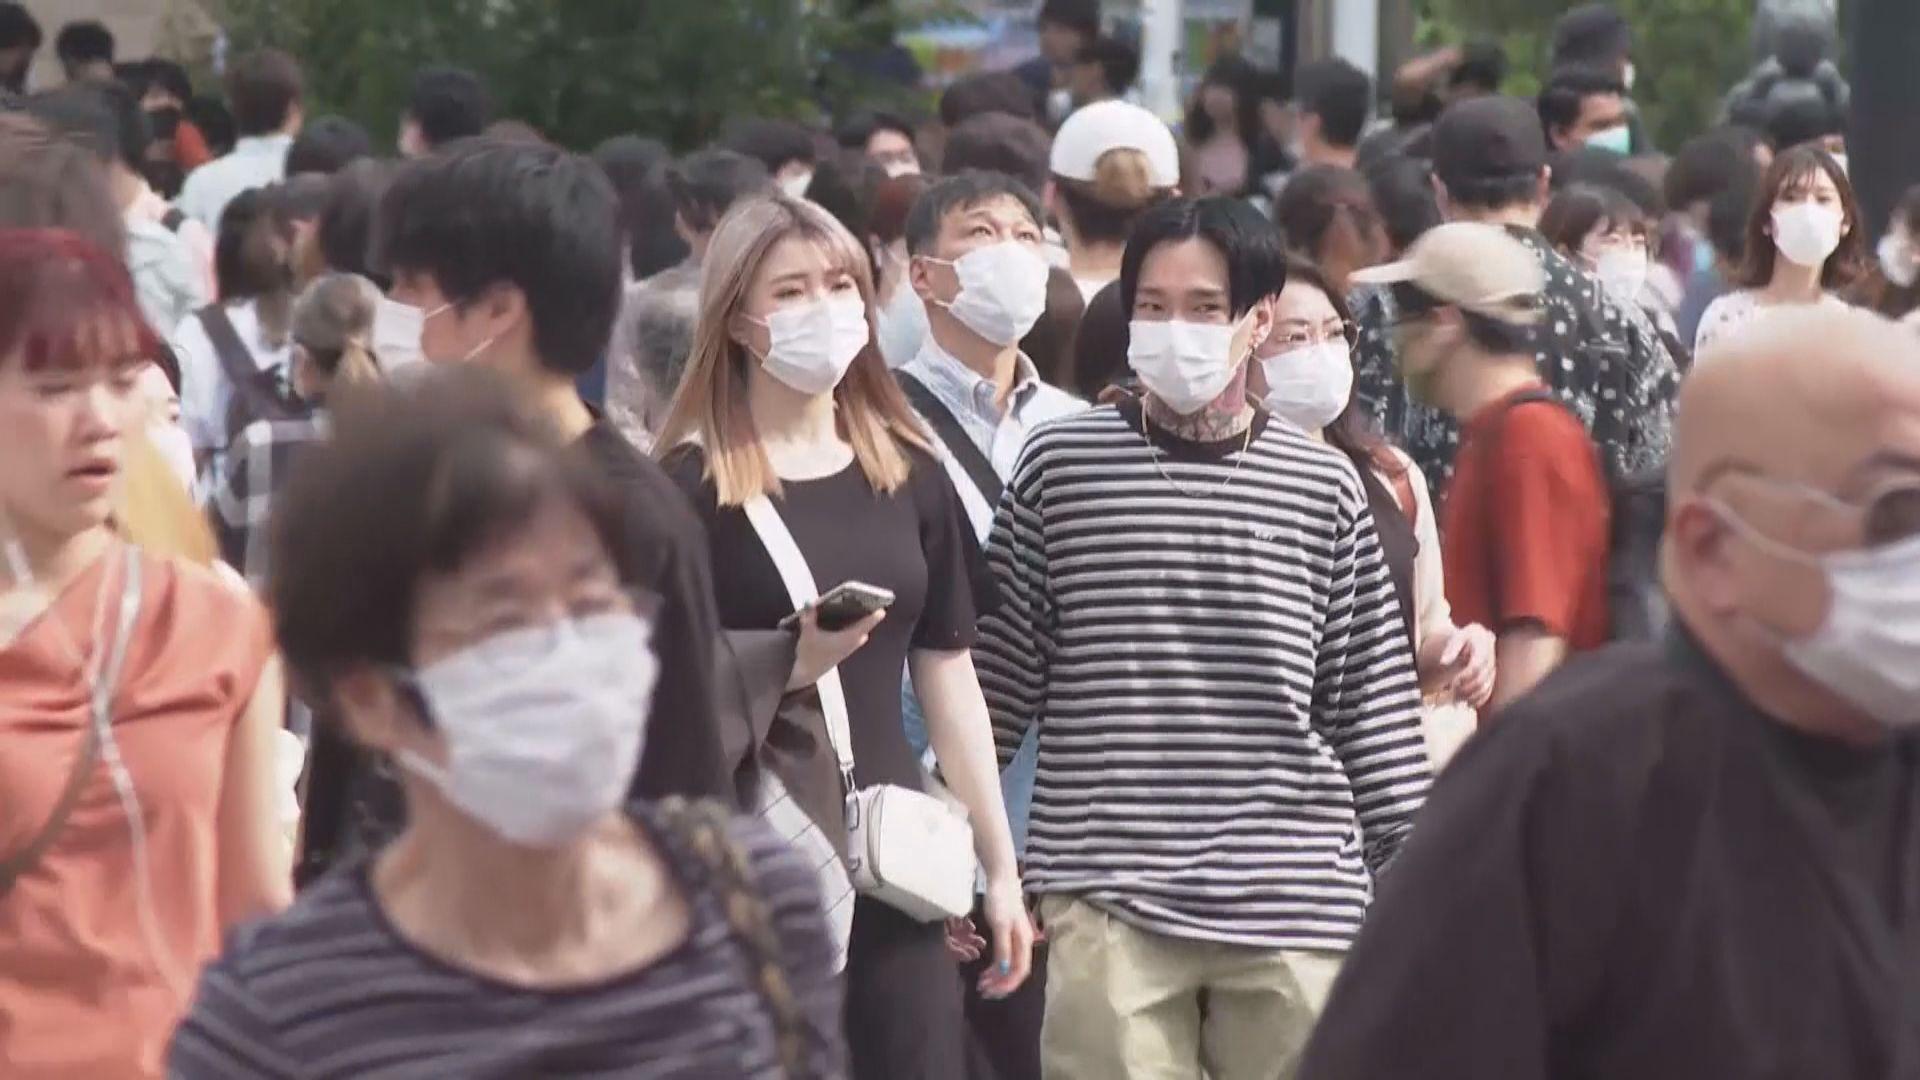 日本單日增980宗確診 東京都知籲民眾假期避免出外